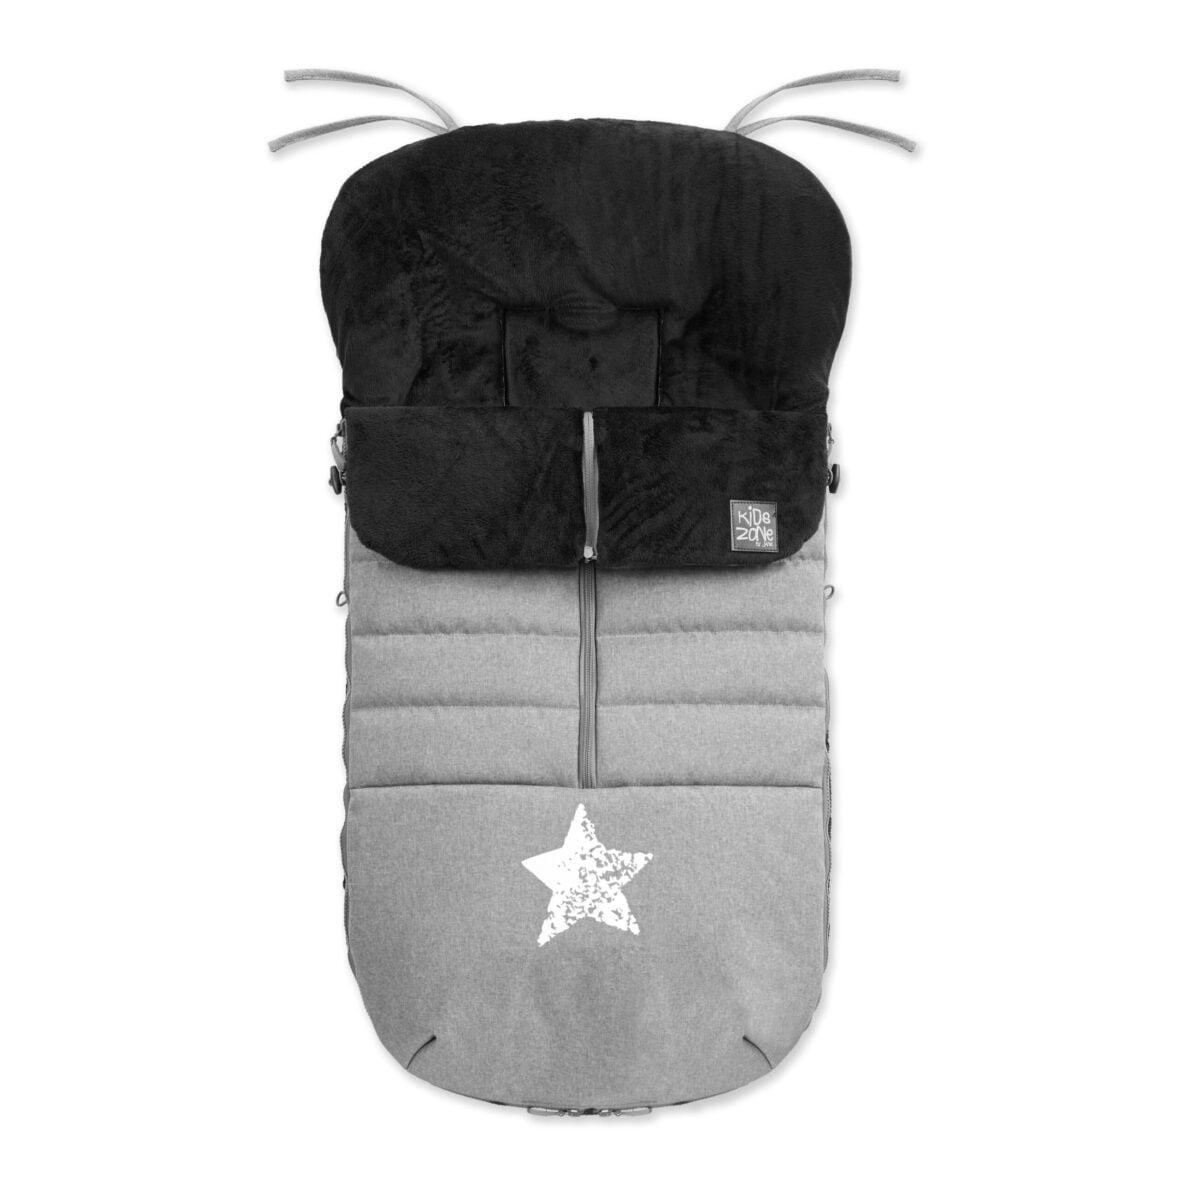 Jane zimska vreća za kolica Nest Shadow